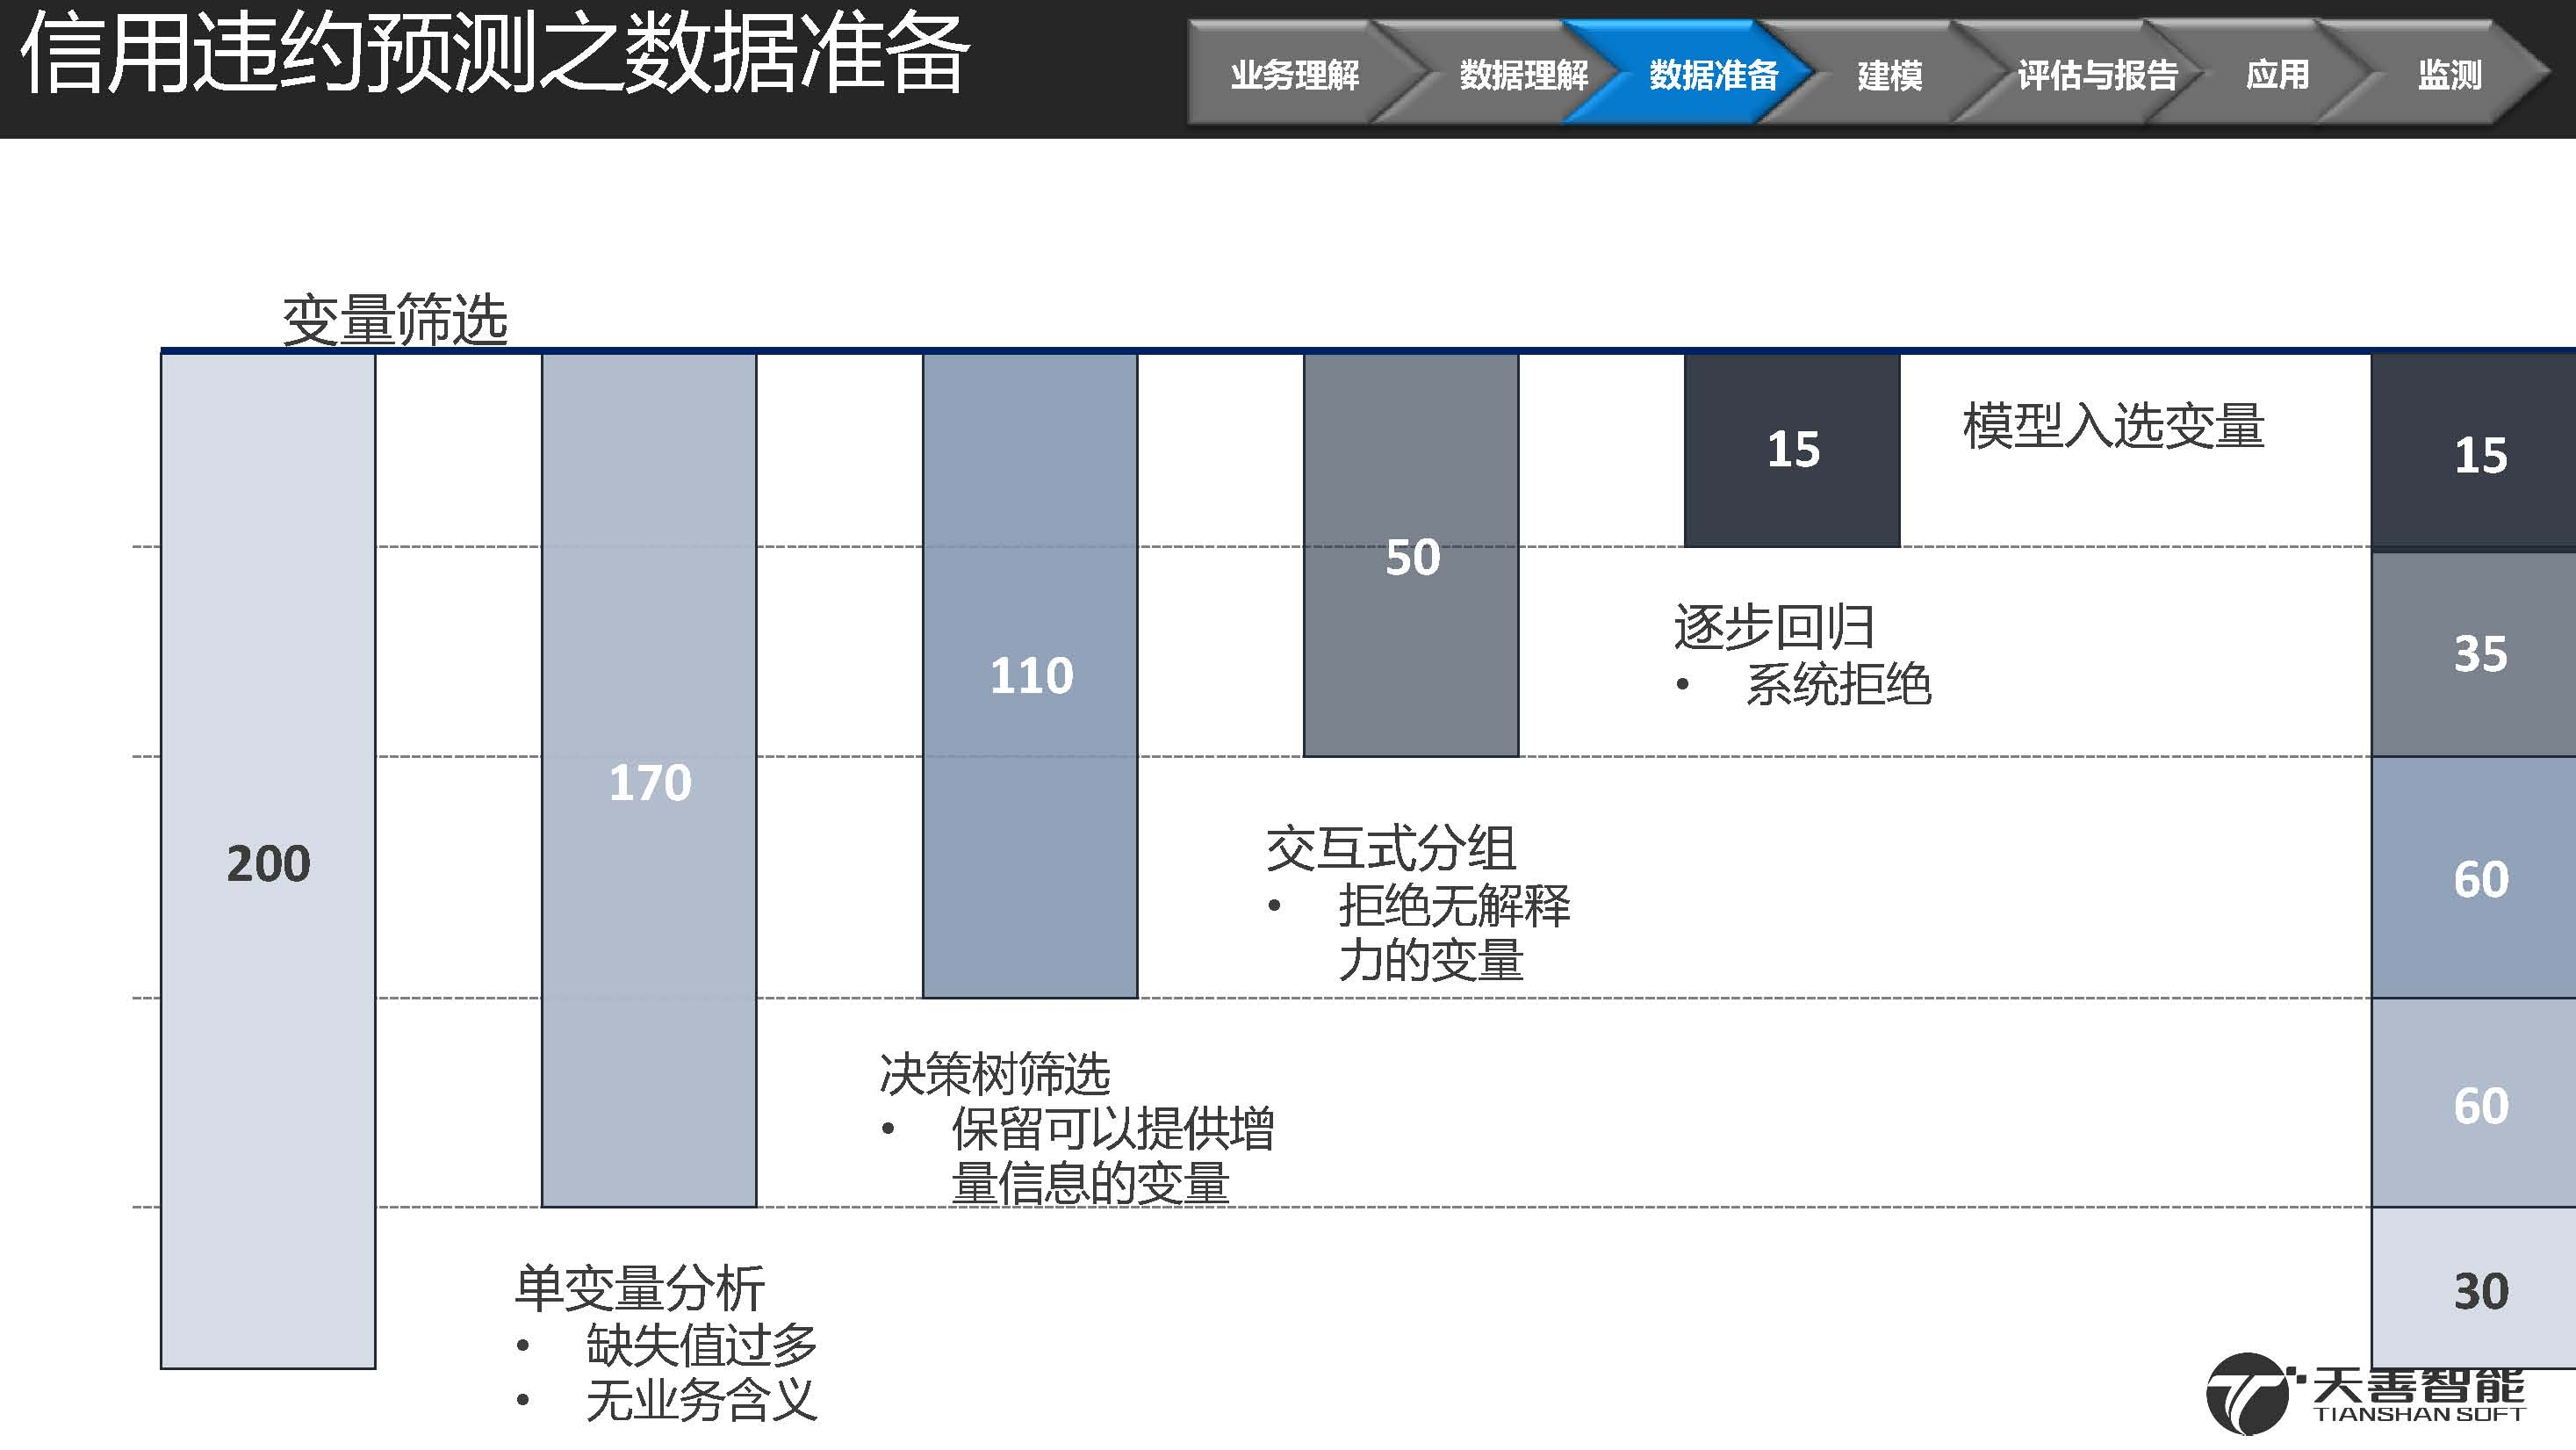 2汽车金融信用违约预测模型案例_页面_34.jpg